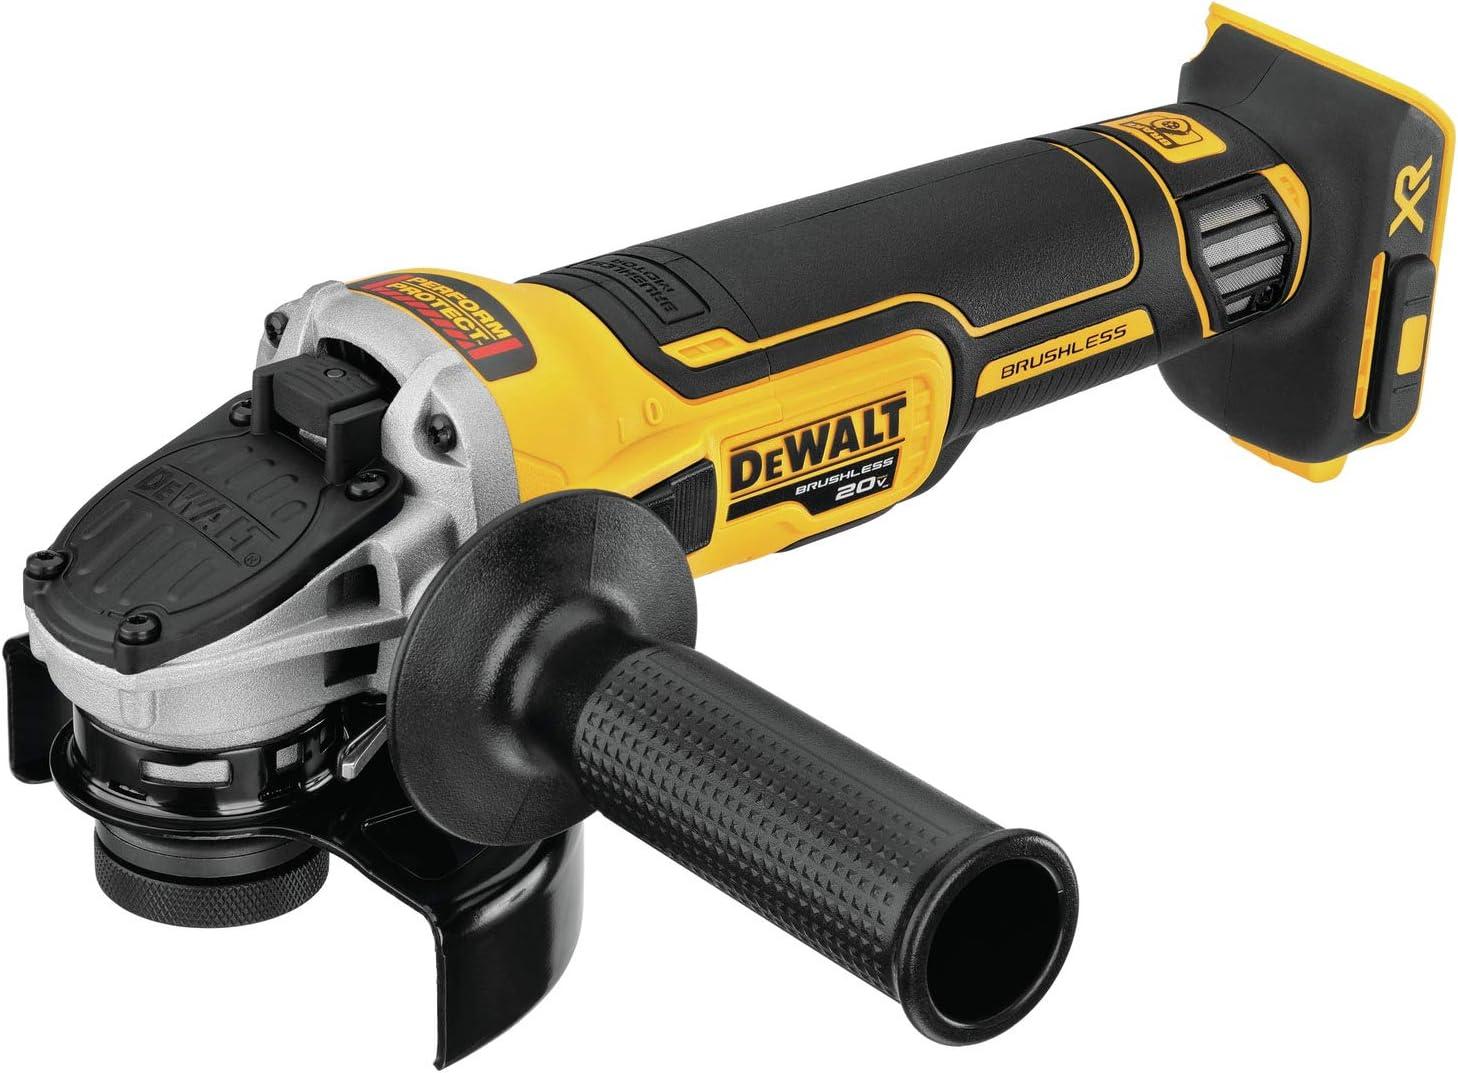 Dewalt 20V Max Xr Angle Grinder With Kickback Brake, Slide Switch, 4-1/2-Inch, Tool Only (Dcg405B)